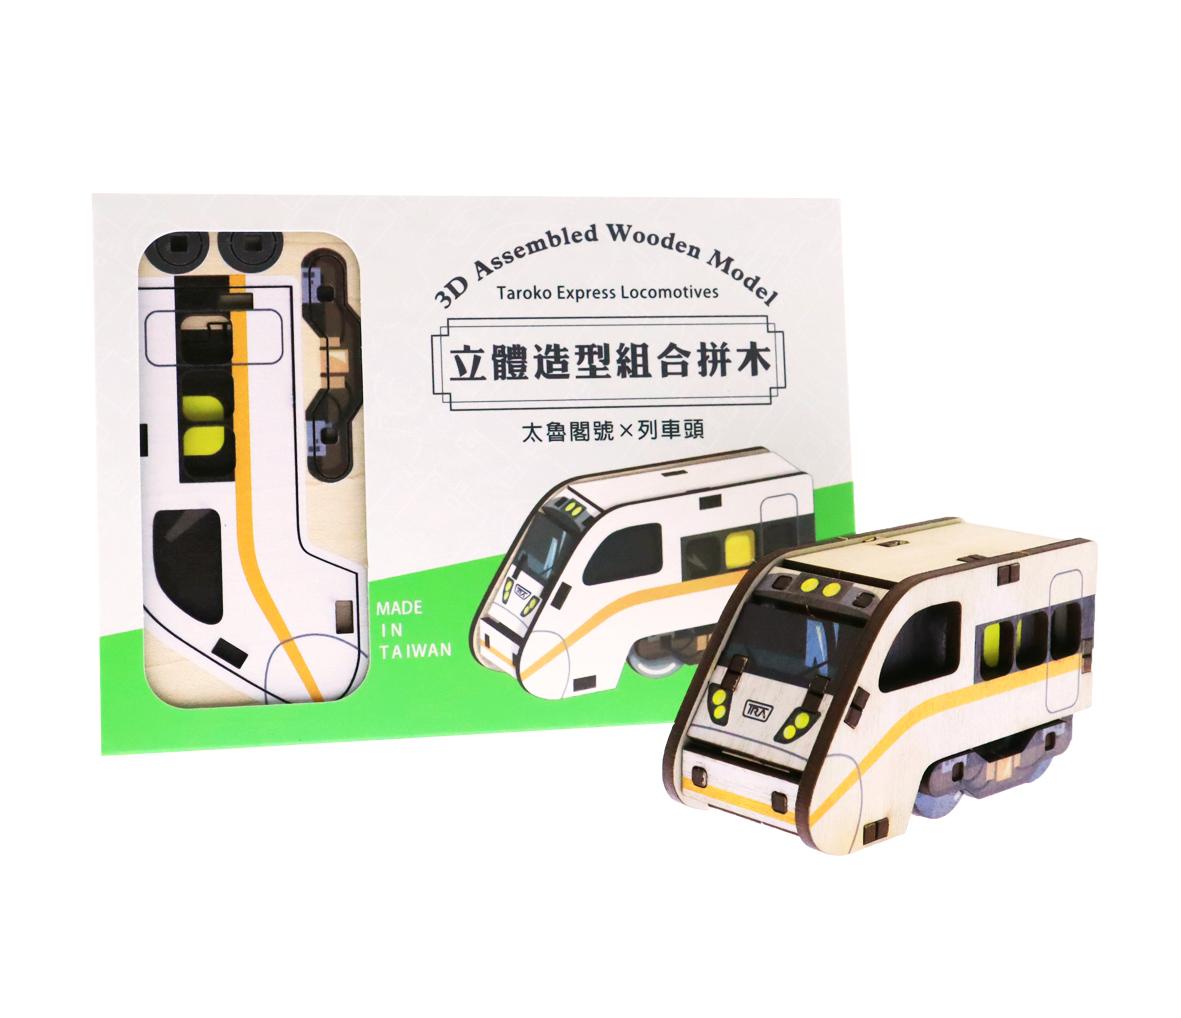 太魯閣車頭立體組合拼木圖片共2張